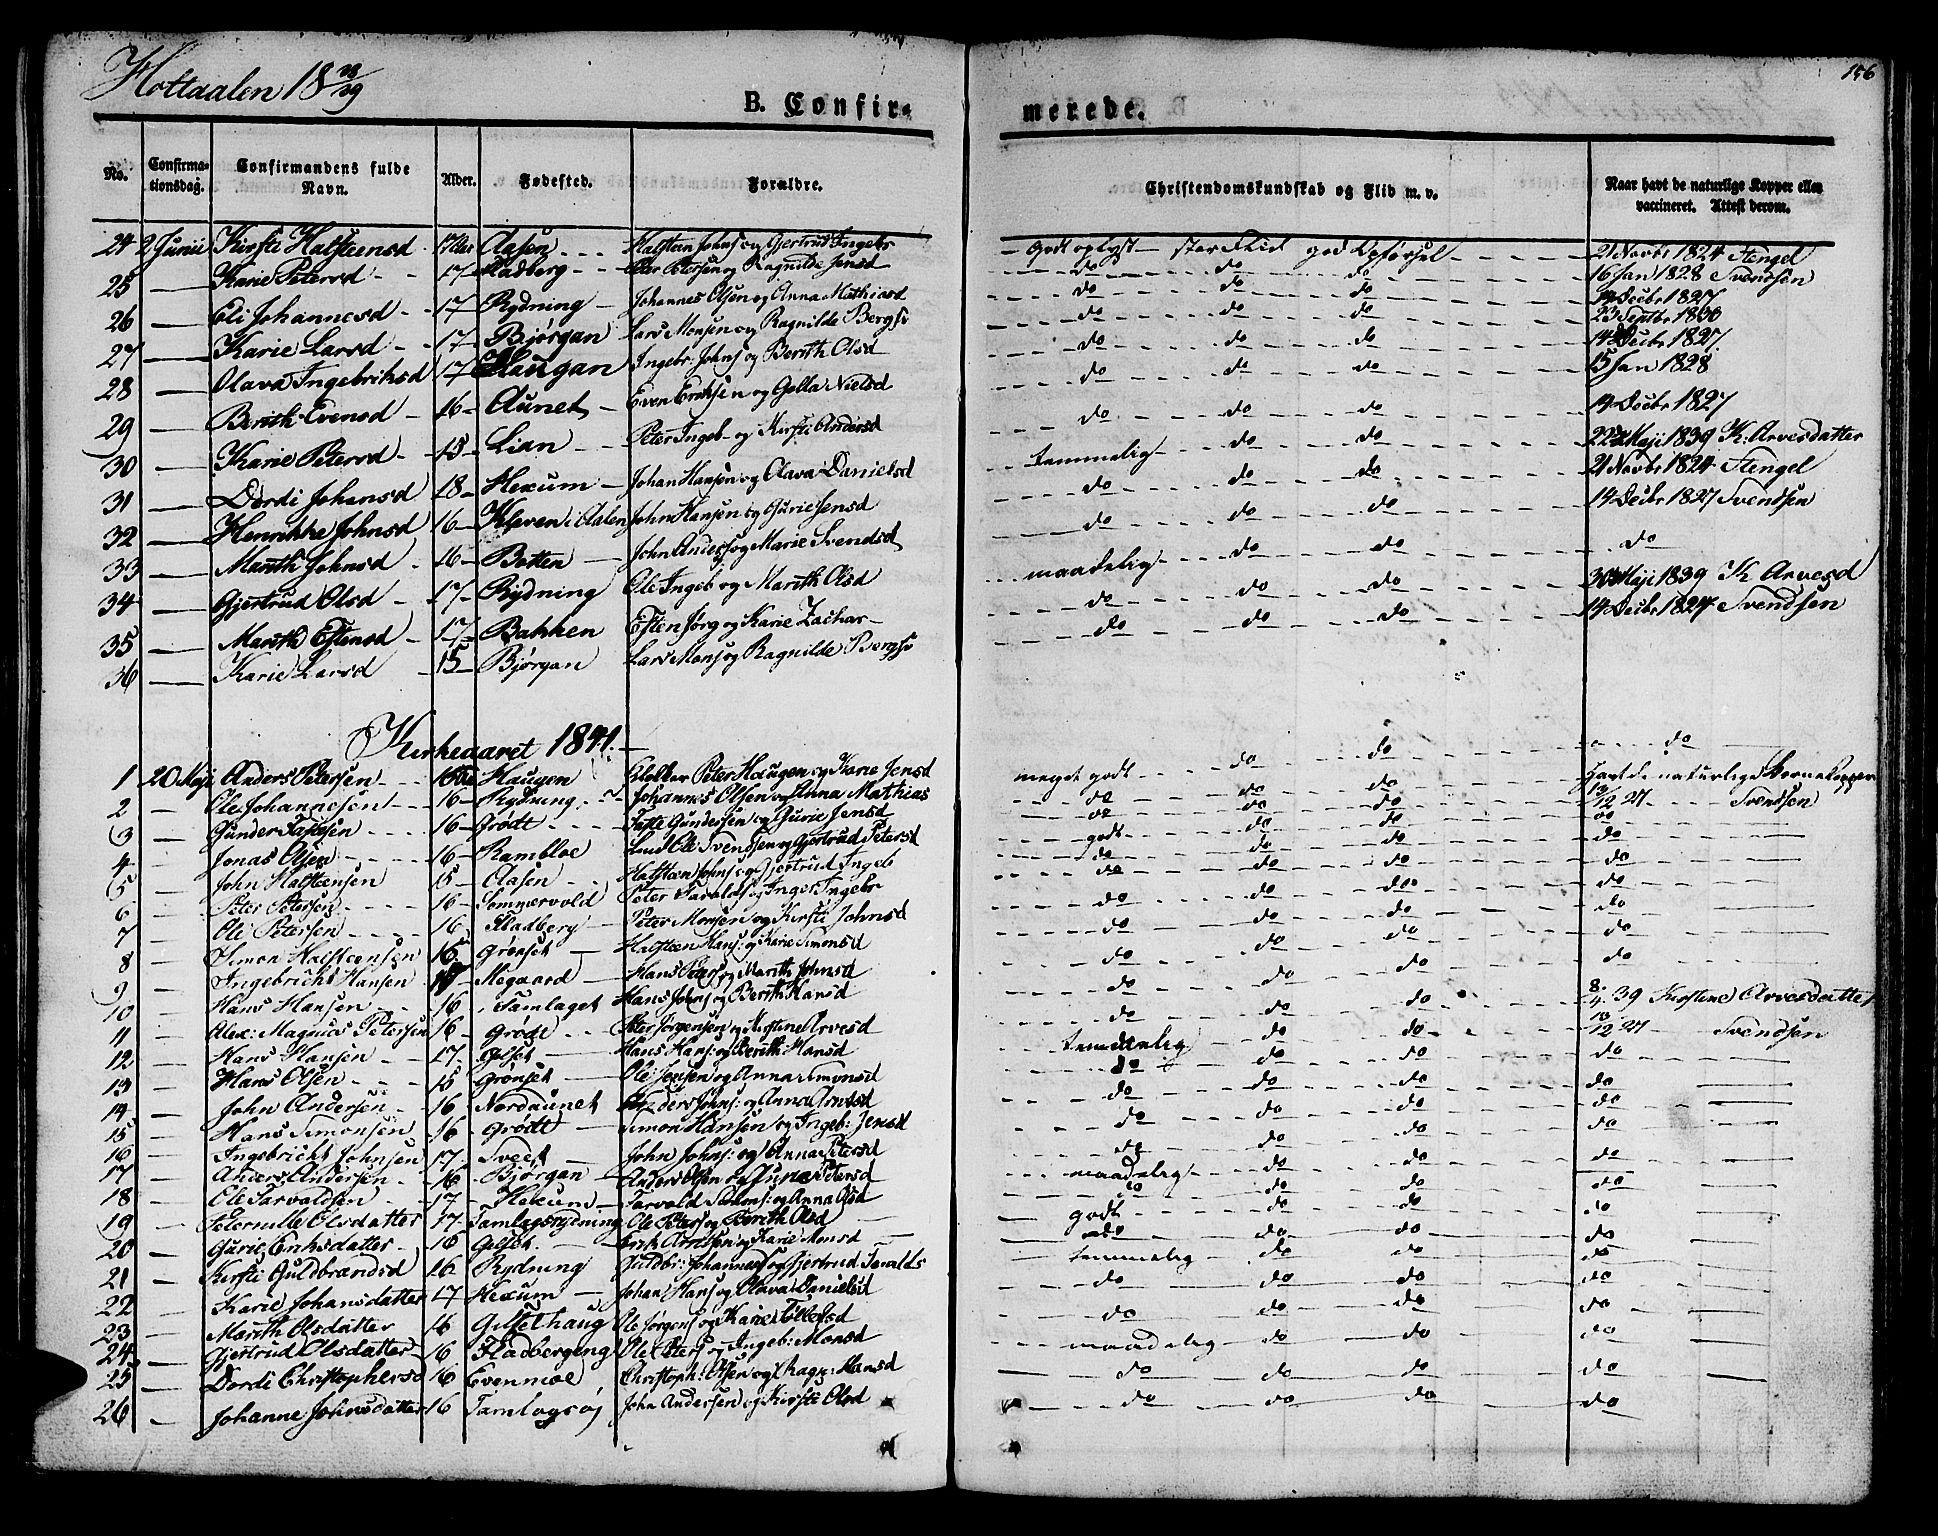 SAT, Ministerialprotokoller, klokkerbøker og fødselsregistre - Sør-Trøndelag, 685/L0957: Ministerialbok nr. 685A04 /1, 1829-1845, s. 156